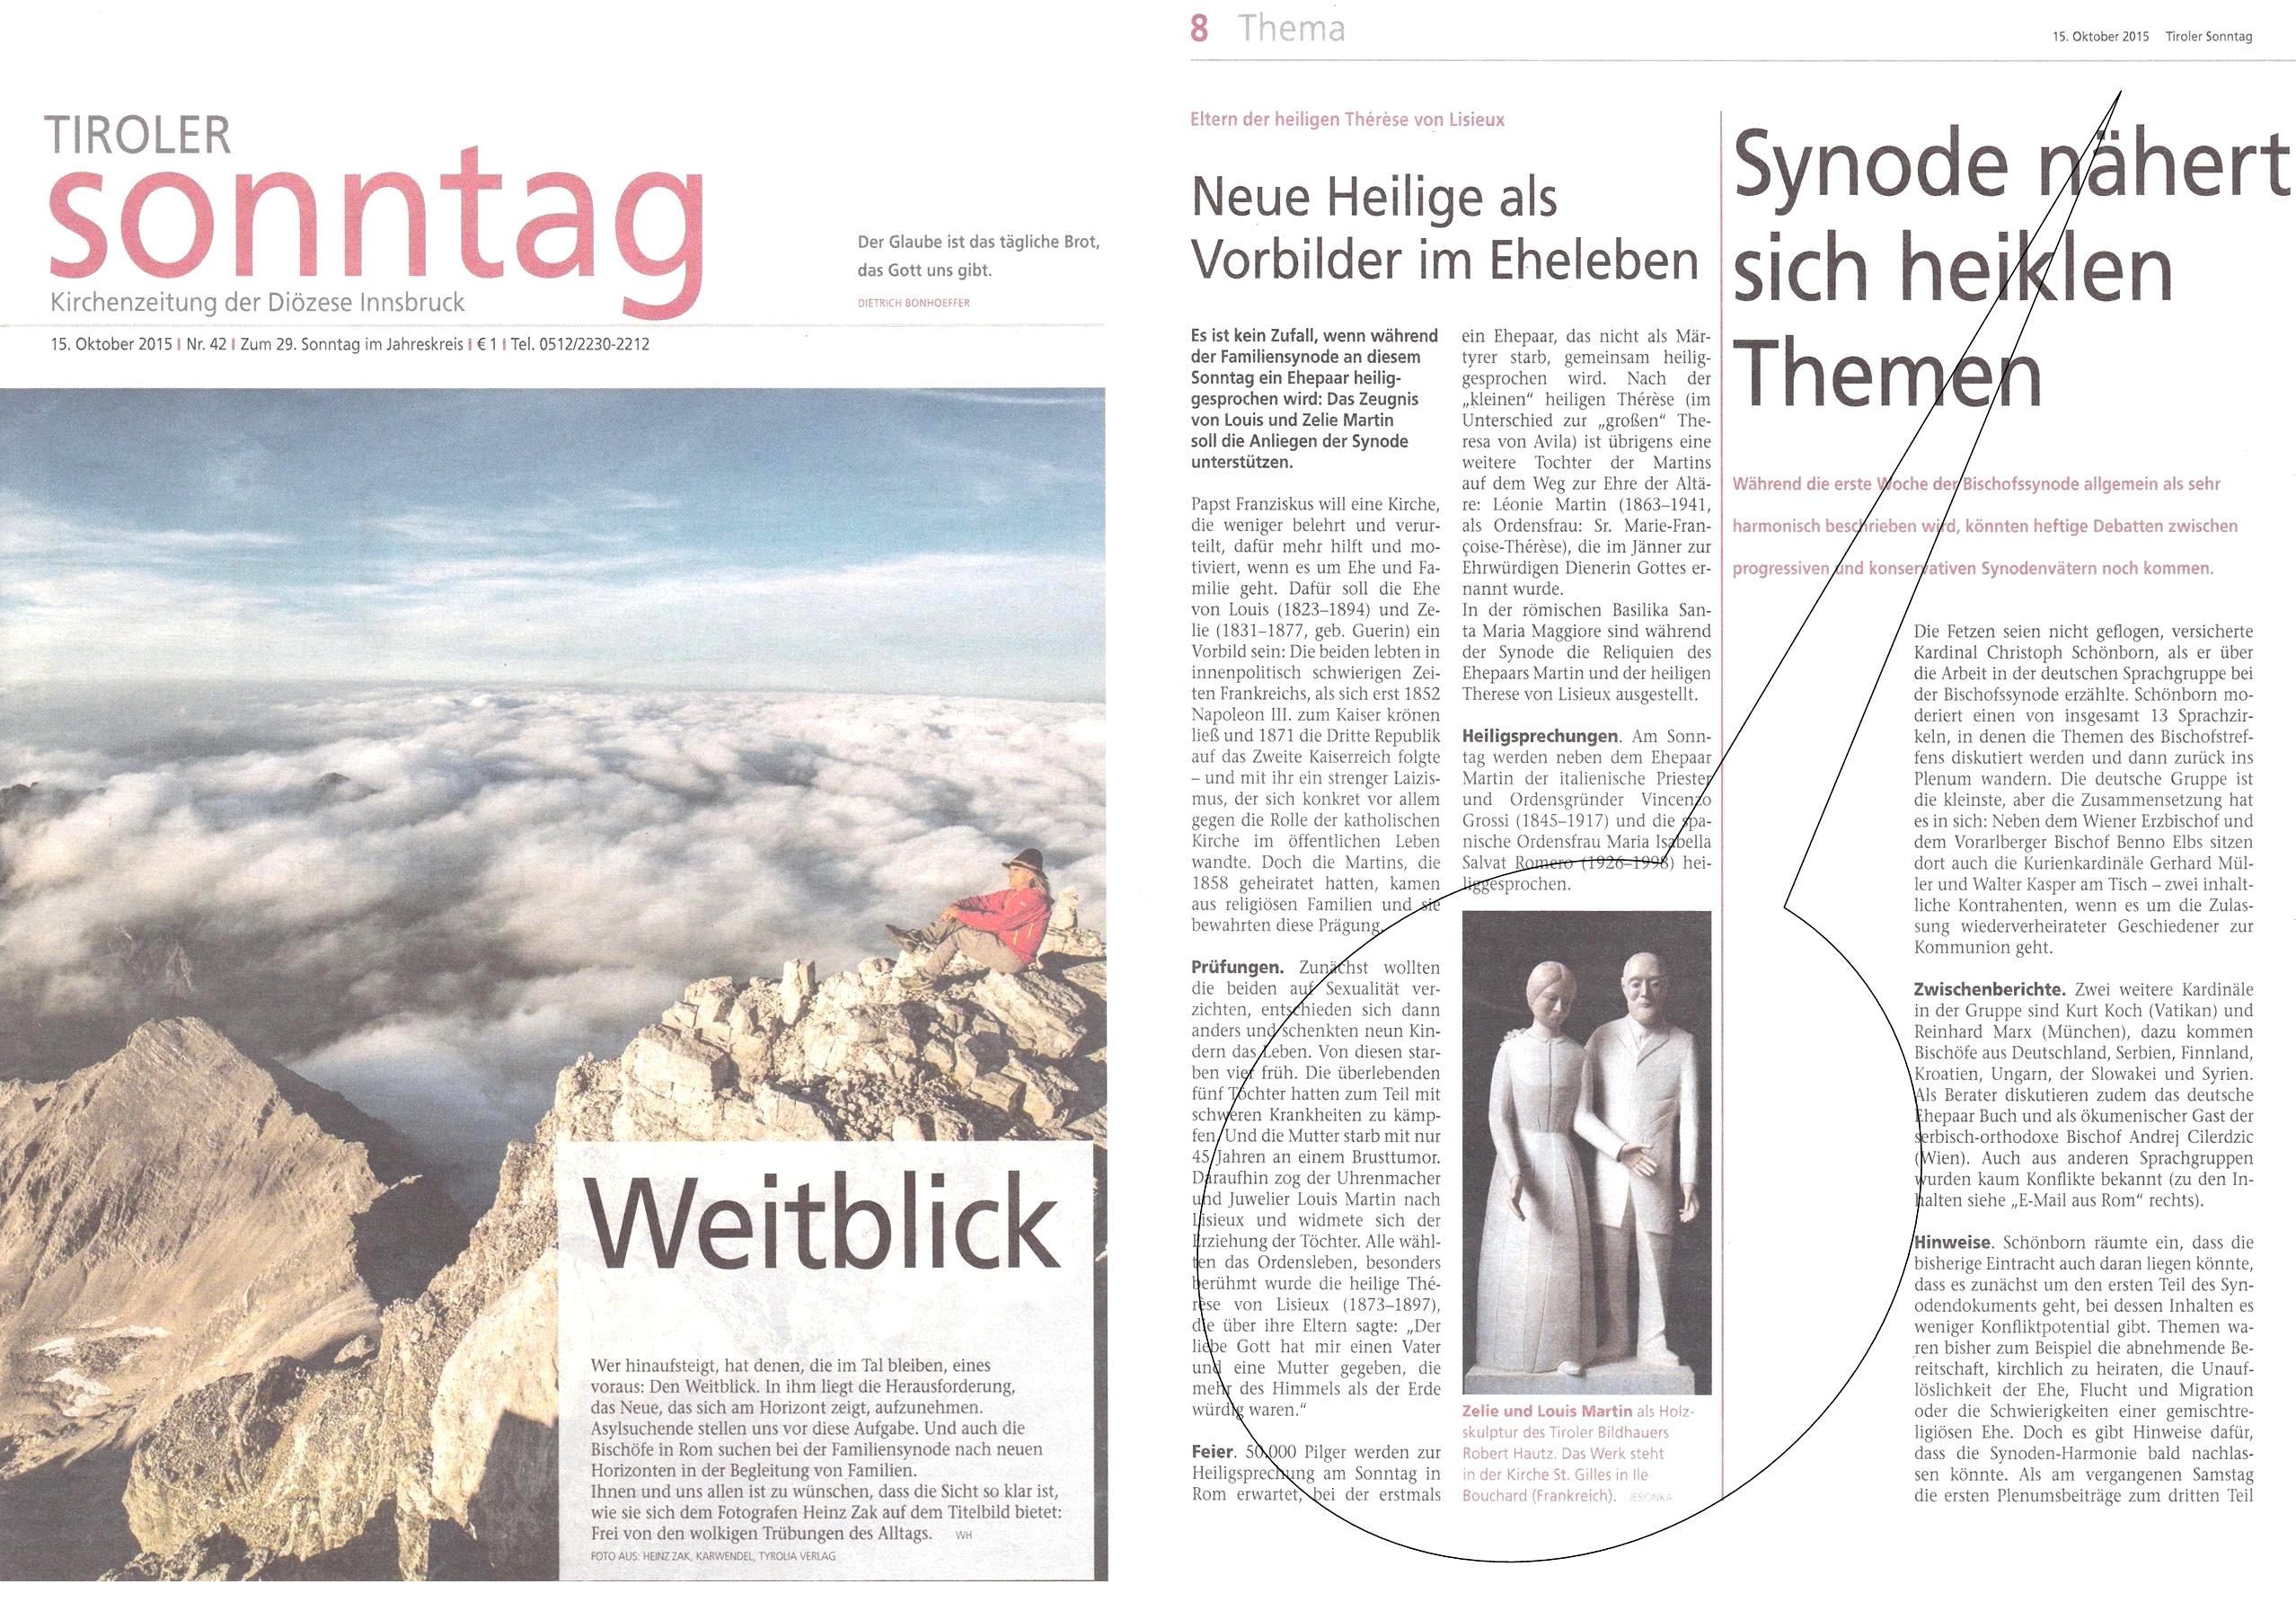 Kirchenzeitung_Diözese_Innsbruck